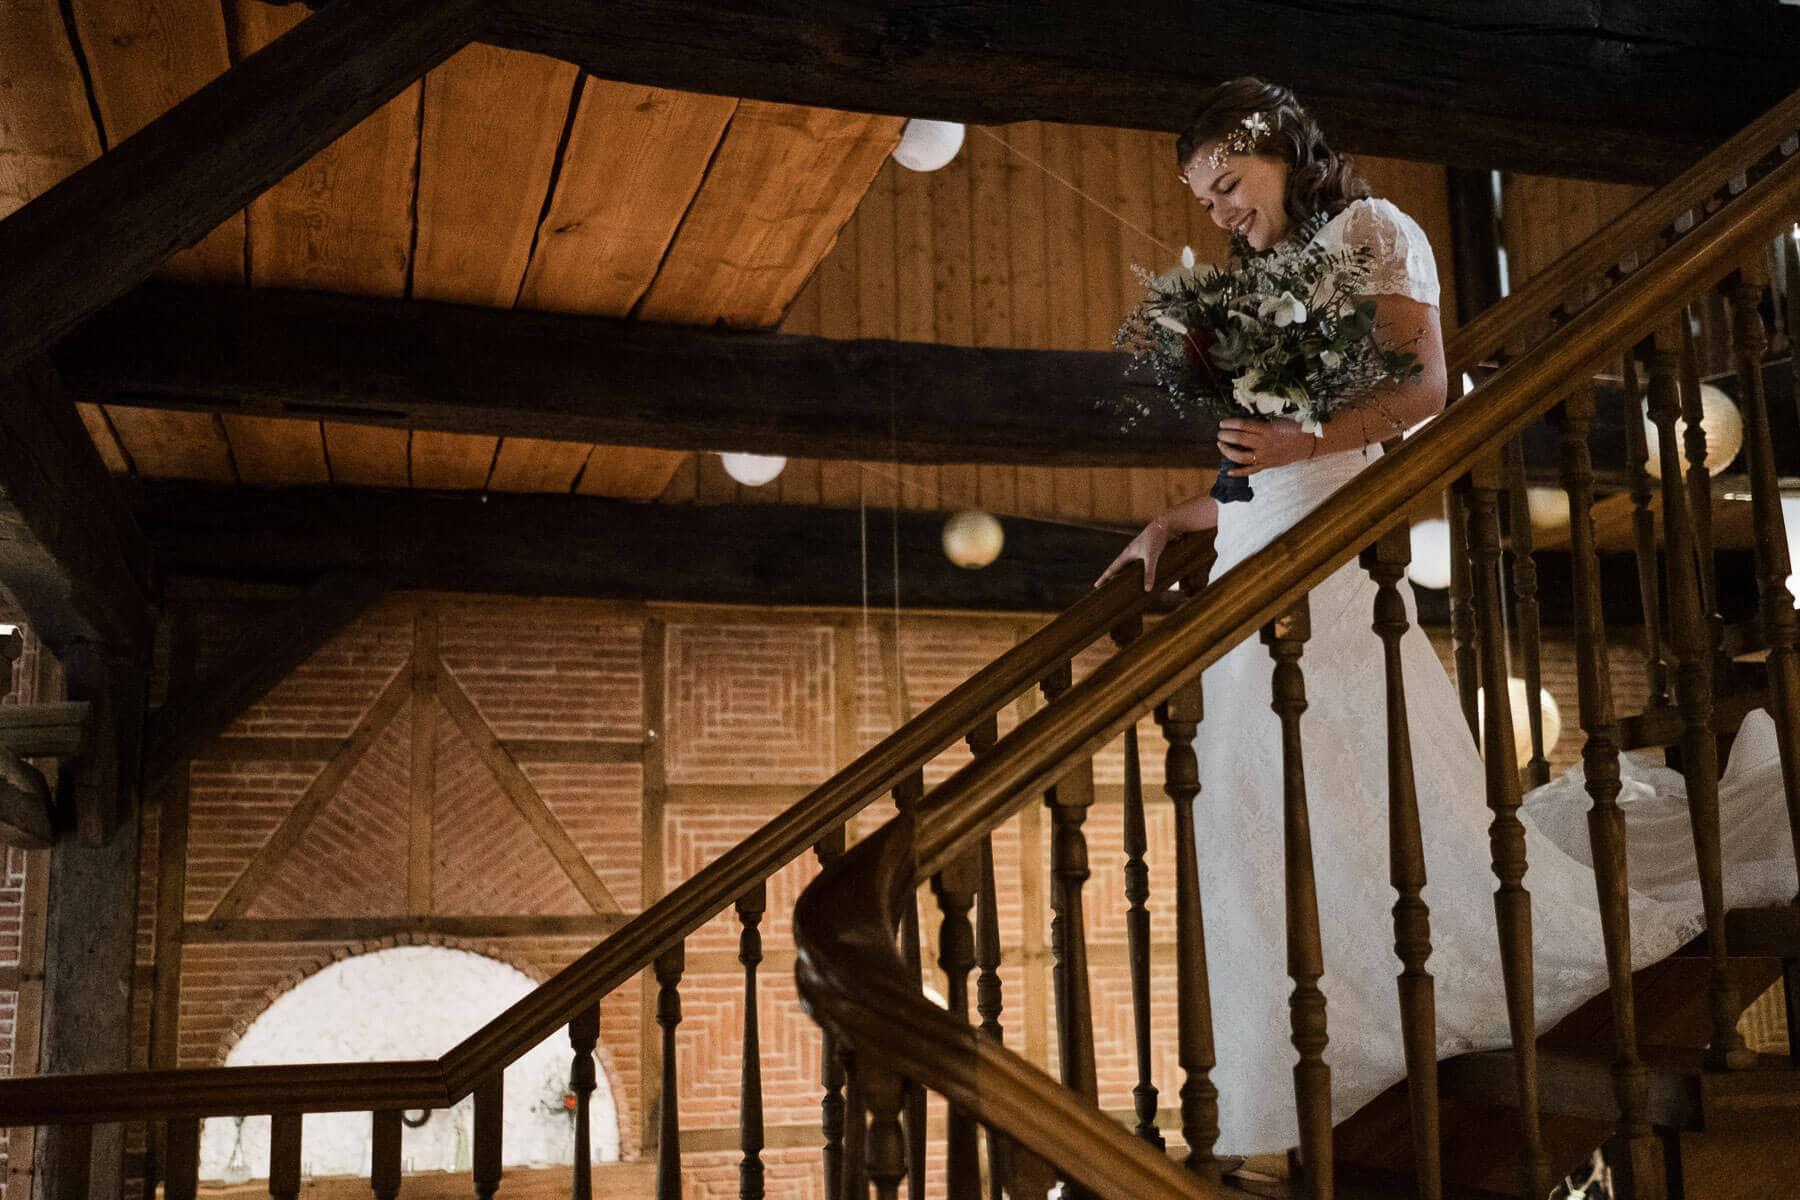 die Braut geht eine alte Holztreppe in einem Landhaus hinunter, an der Decke sieht man Holzgebälk, an er Außenwand ist ein Fachwerk zu sehen, die Braut trägt ein weißes Brautkleid und einen üppigen Blumenstrauß in der Hand, sie schut hinunter auf die Treppen